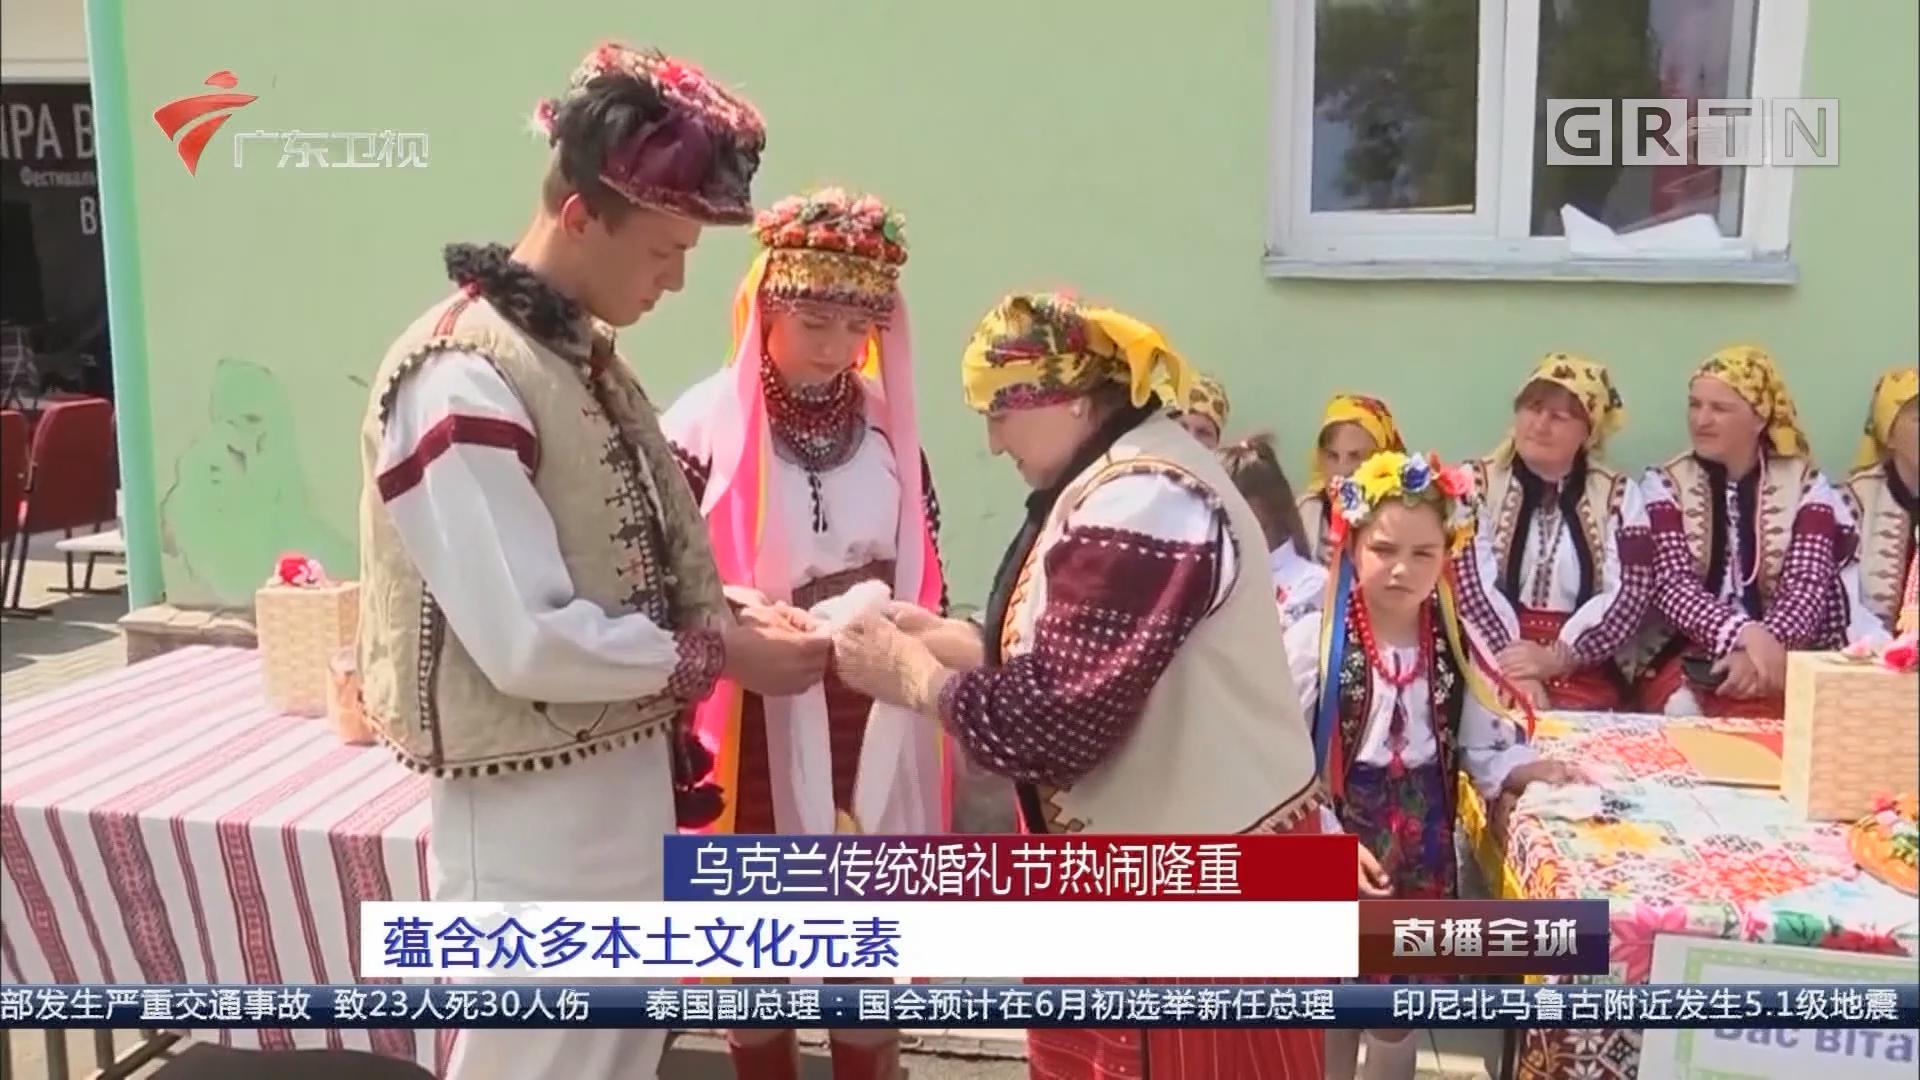 乌克兰传统婚礼节热闹隆重:蕴含众多本土文化元素